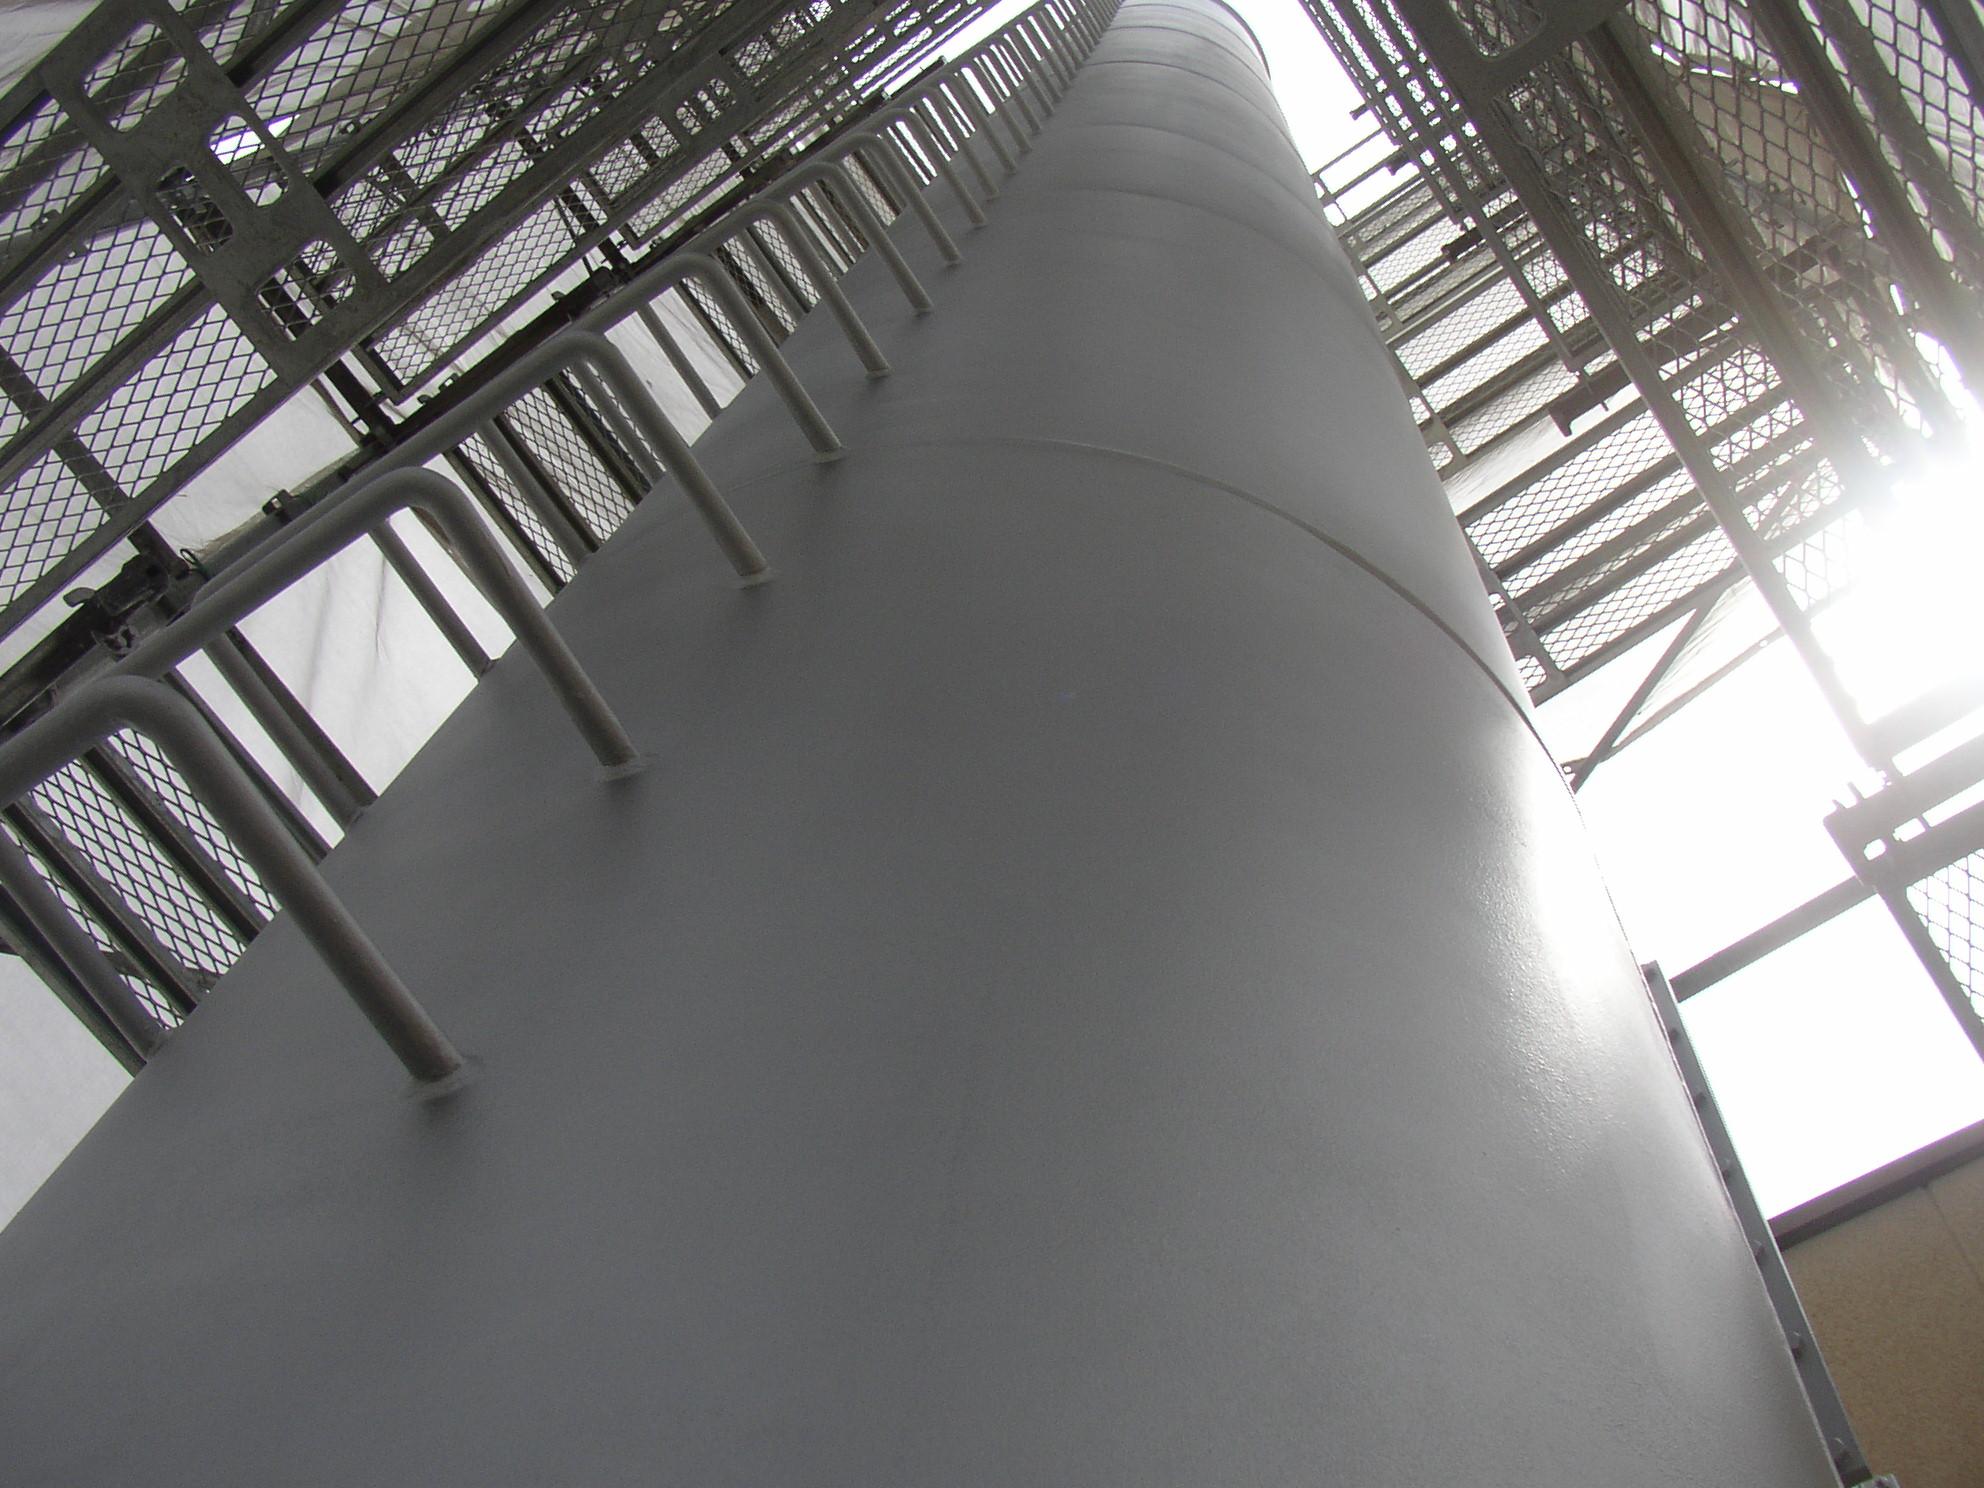 煙突鋼管 耐熱塗装工事